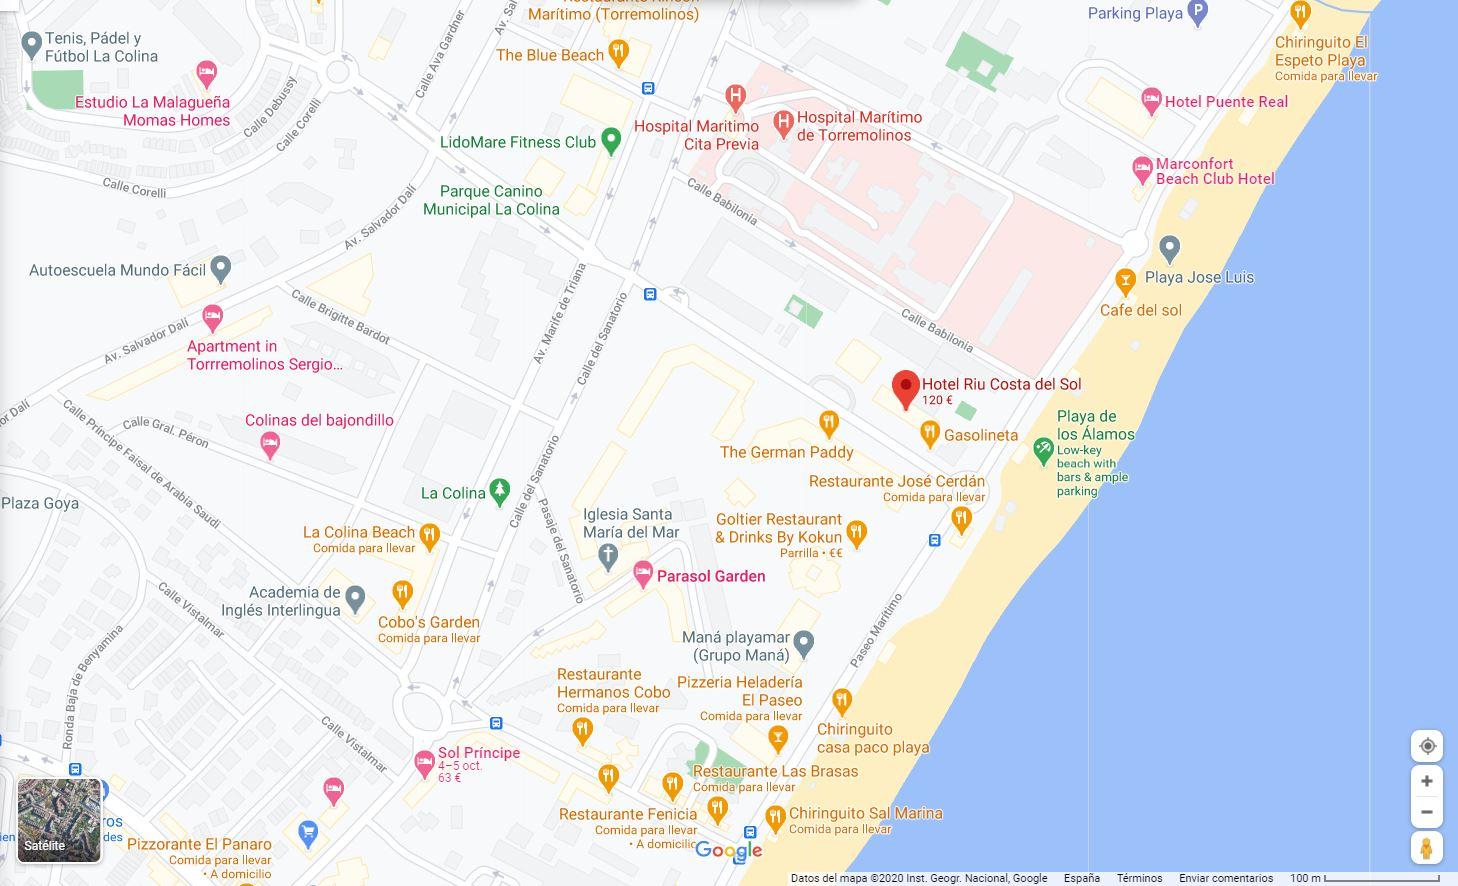 Mapa Torremolinos Ubicacion Hotel Riu Costa del Sol B2B viajes